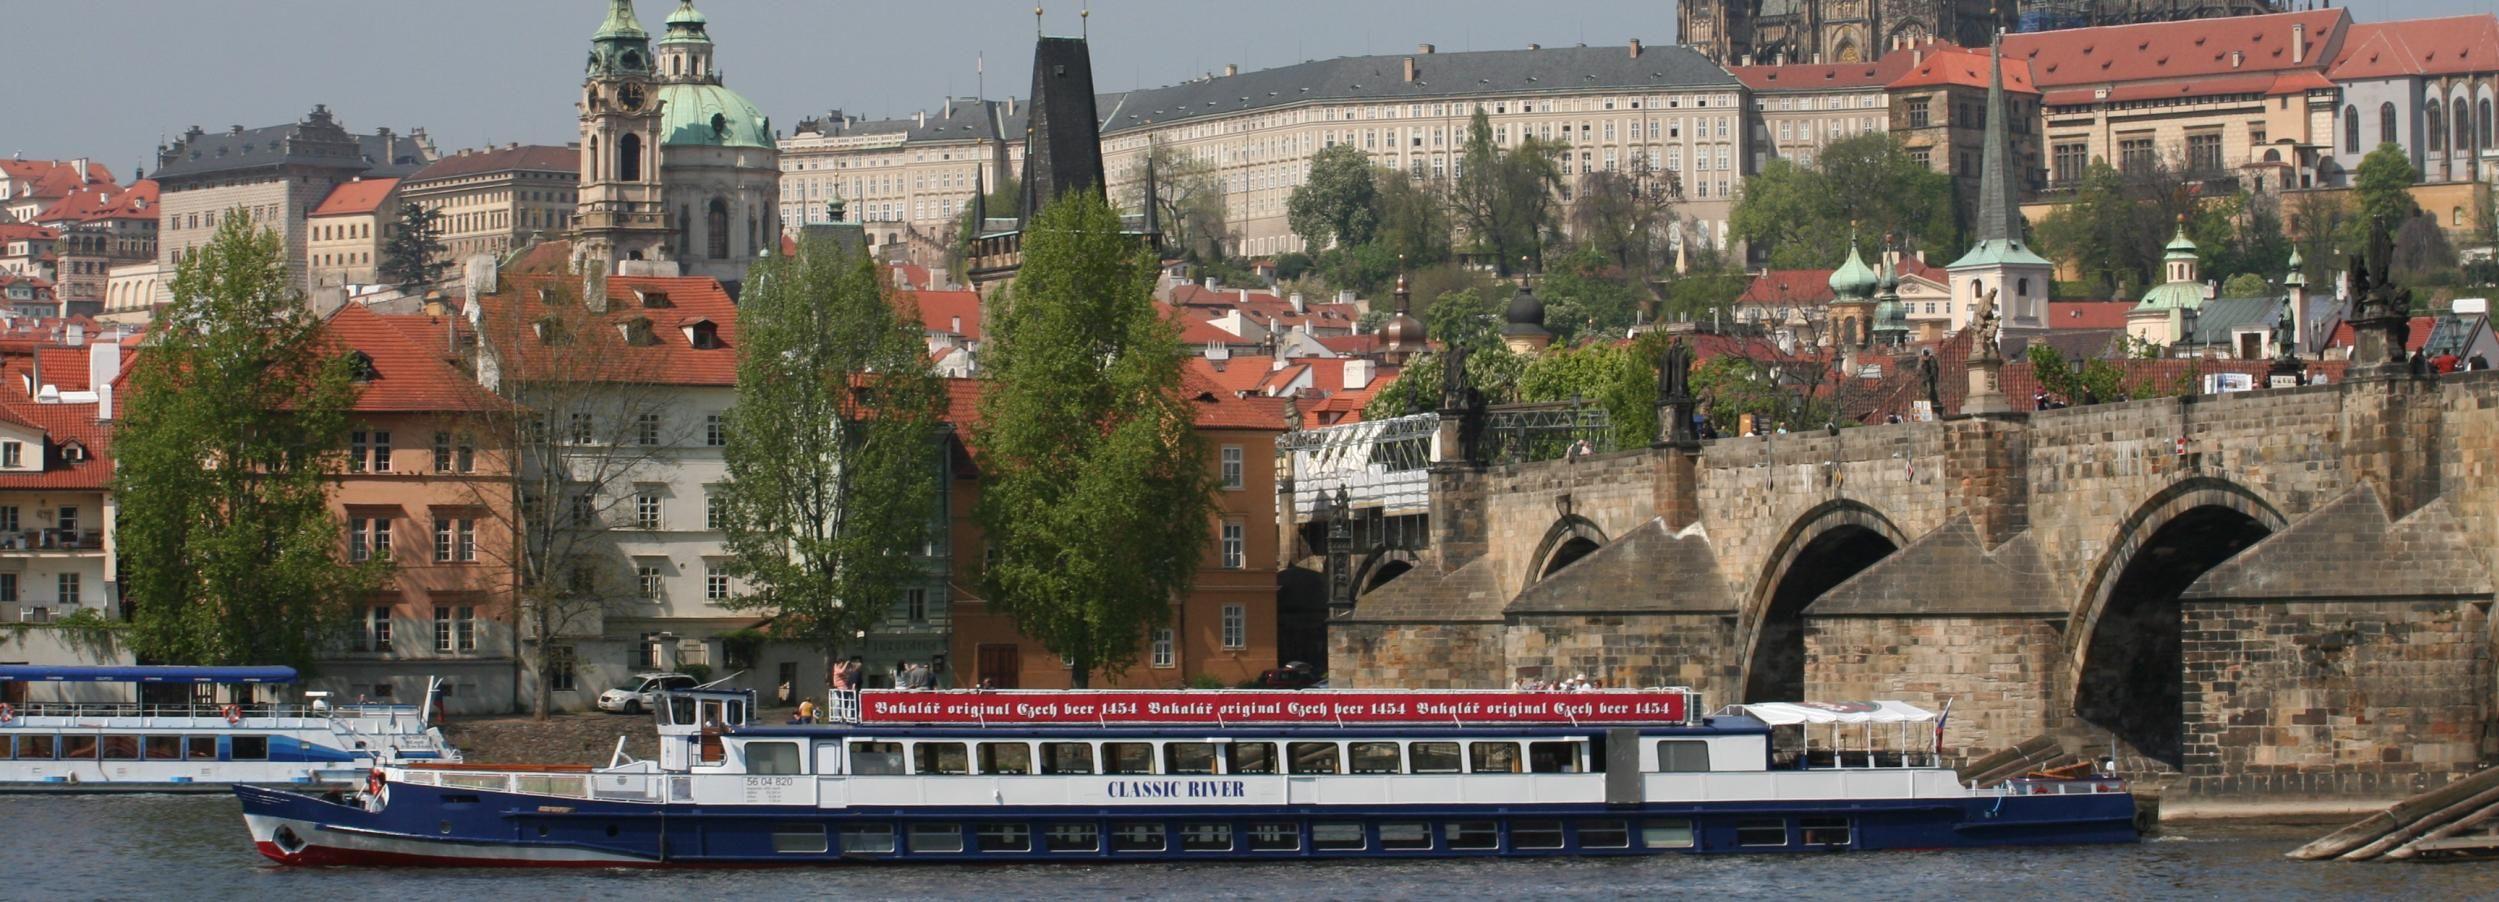 Praga: crucero de 1 hora con vistas por el río Moldava